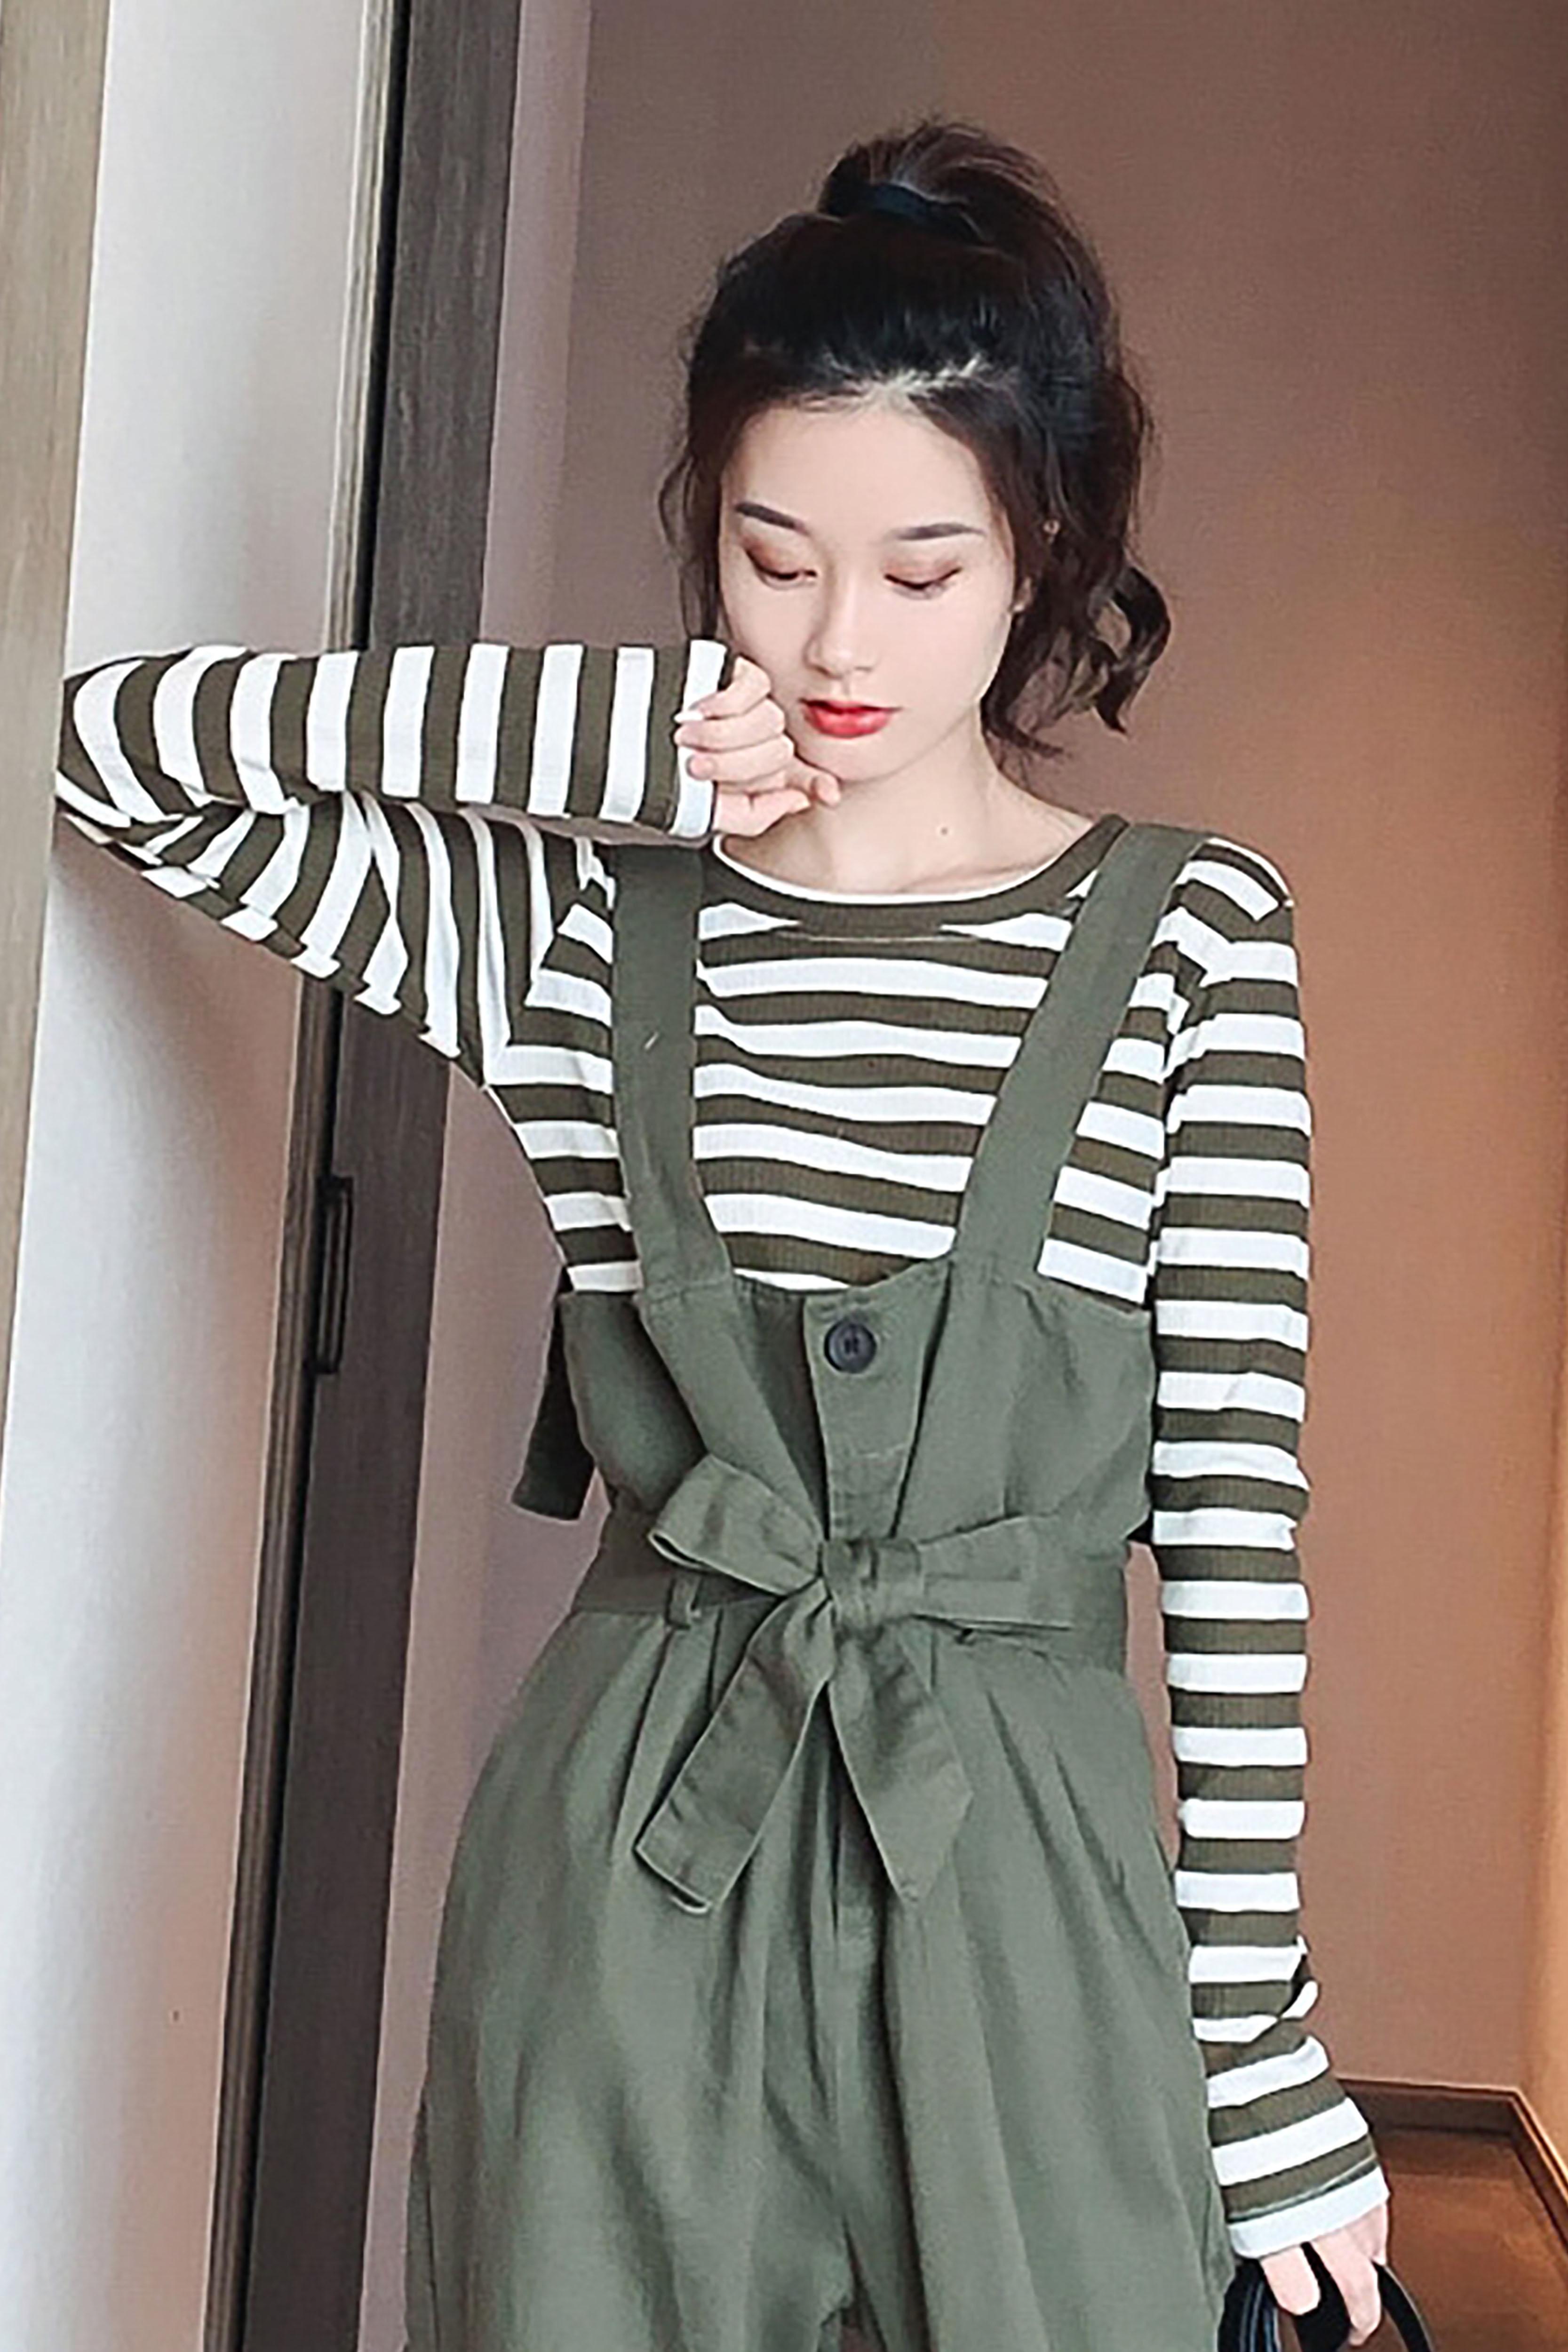 时尚条纹T恤女秋季新款韩版修身显瘦圆领长袖简约百搭打底衫上衣